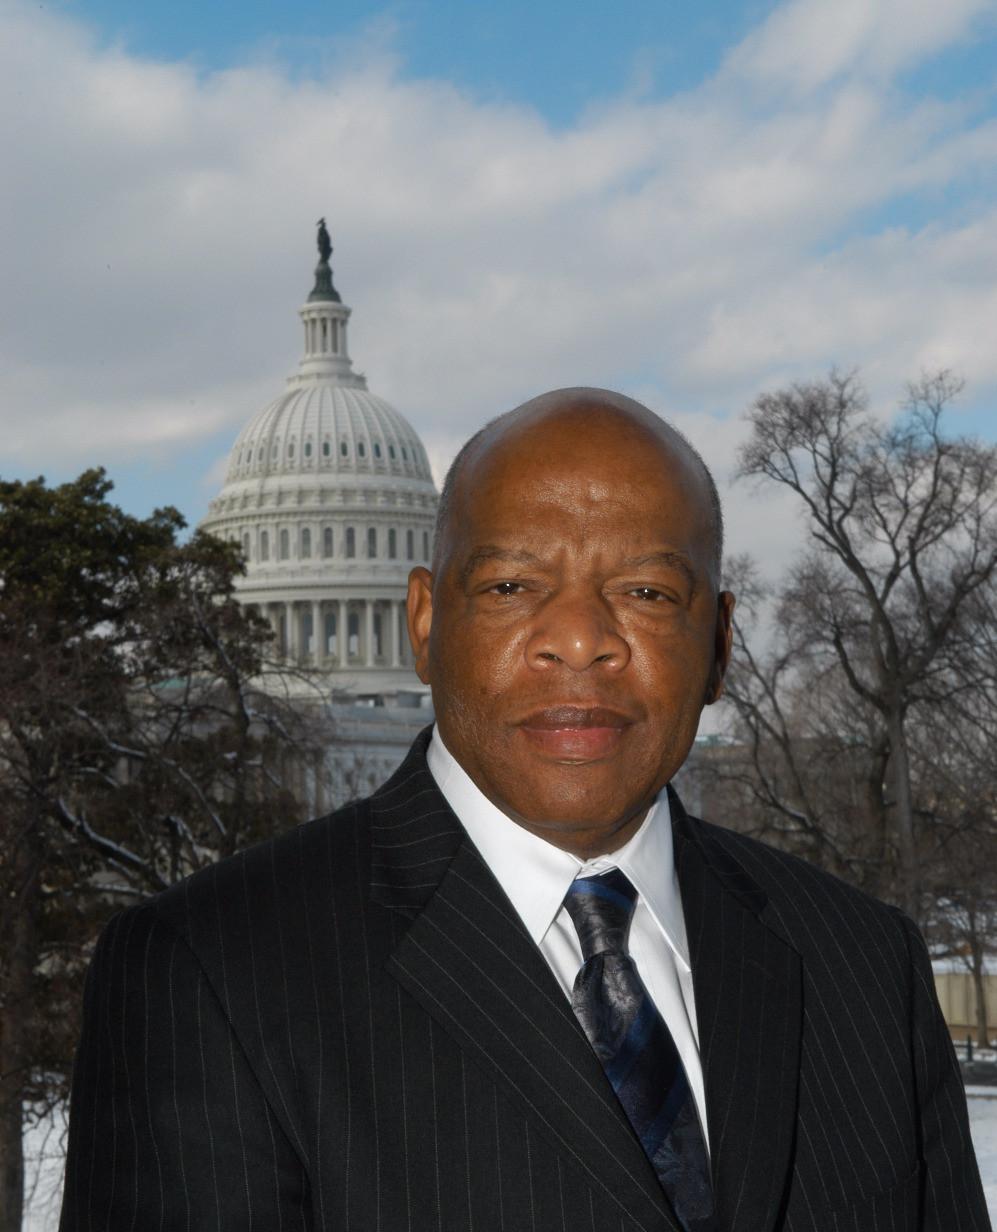 Senator John Lewis